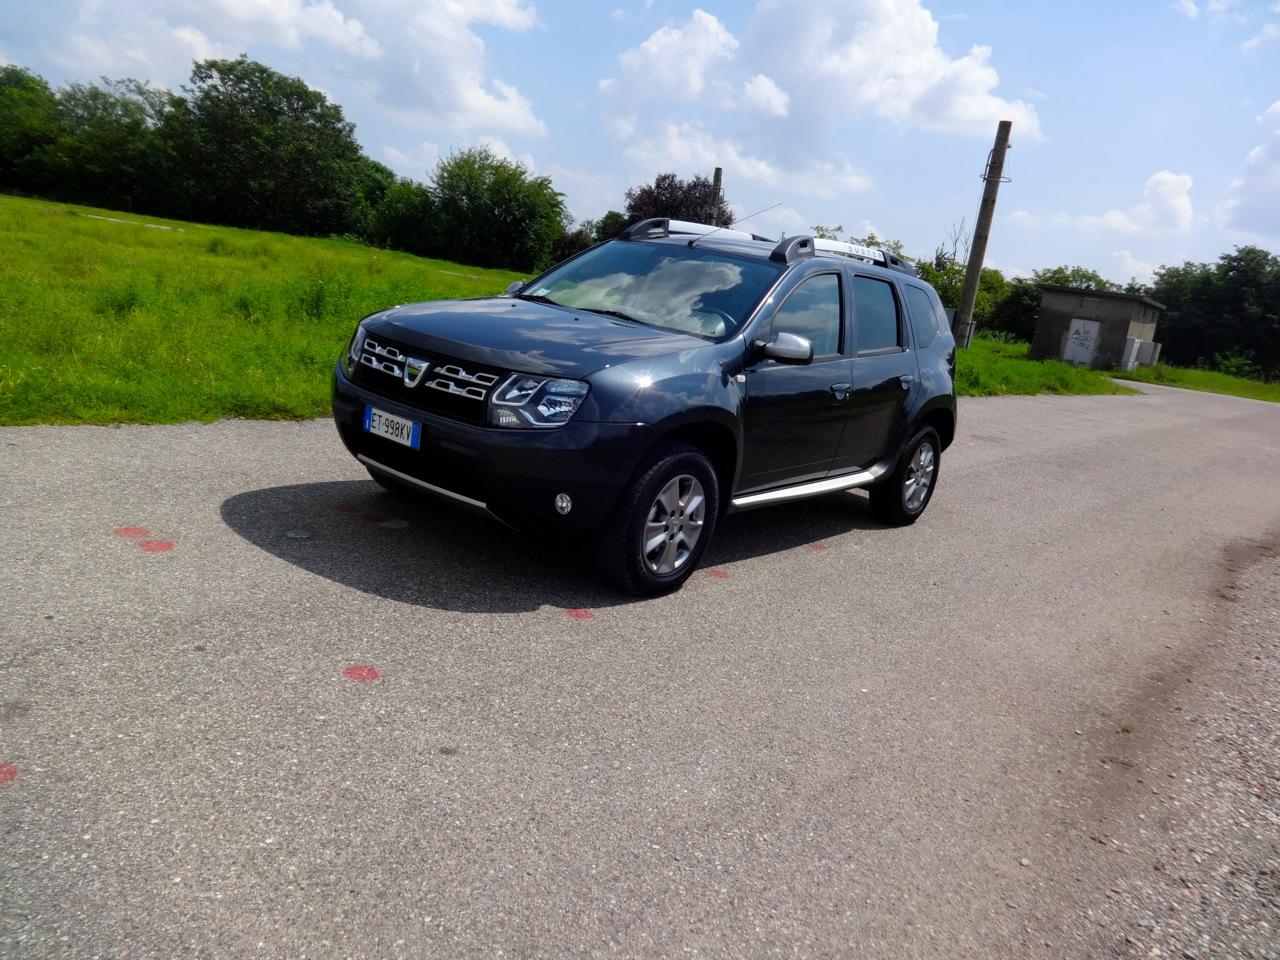 Dacia duster my 2014 prova su strada foto 5 di 39 for Prova su strada dacia duster 4x4